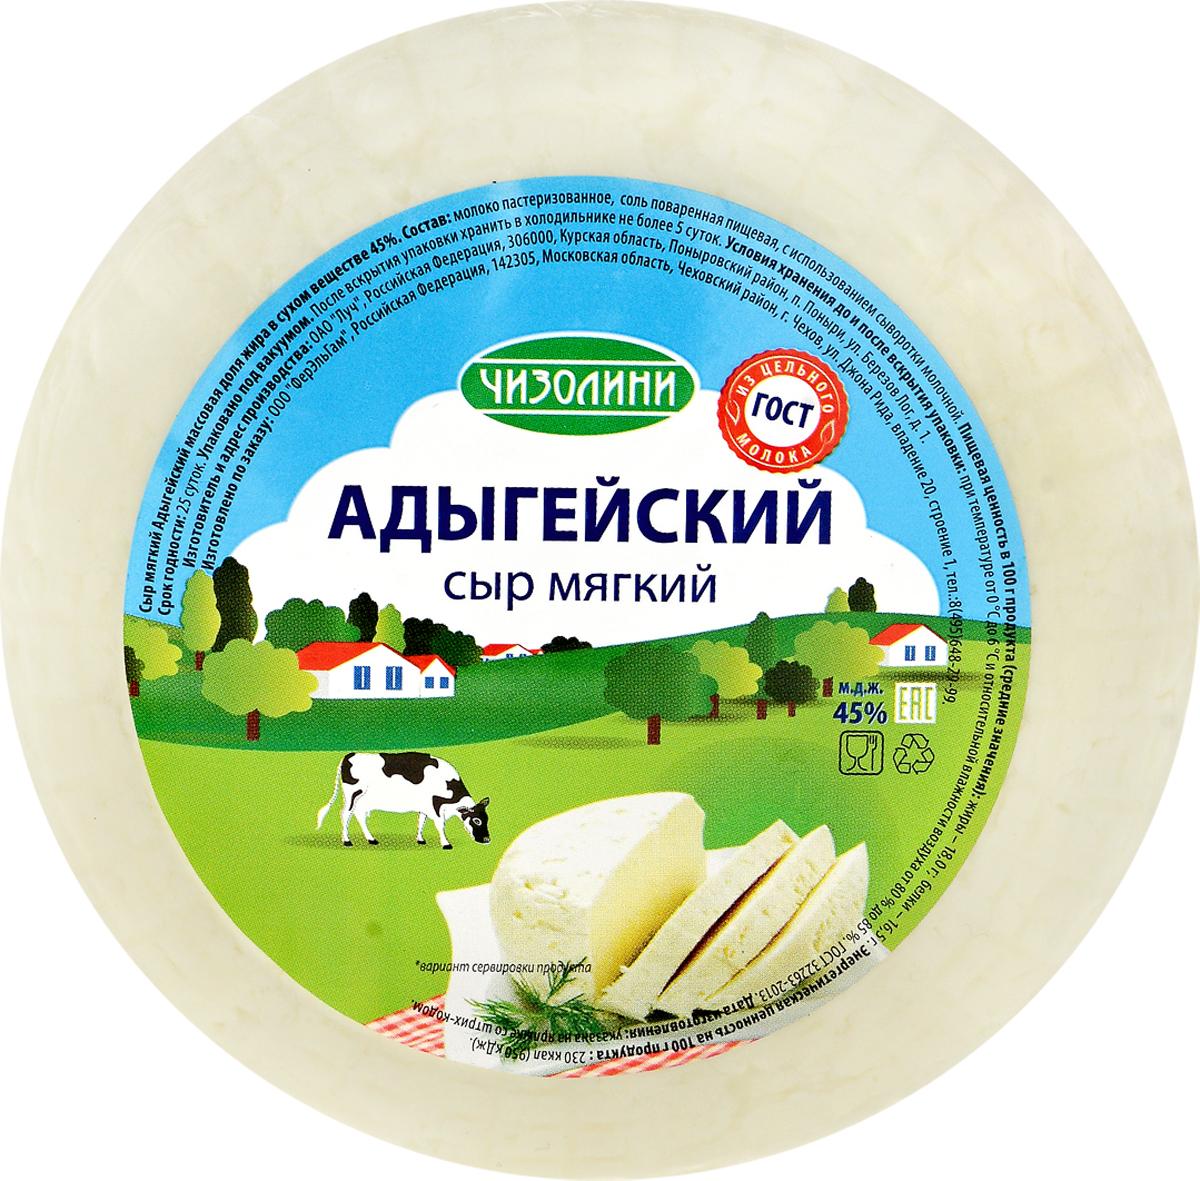 Чизолини Адыгейский сыр, 330 г чизолини сыр чечил копченый 150 г